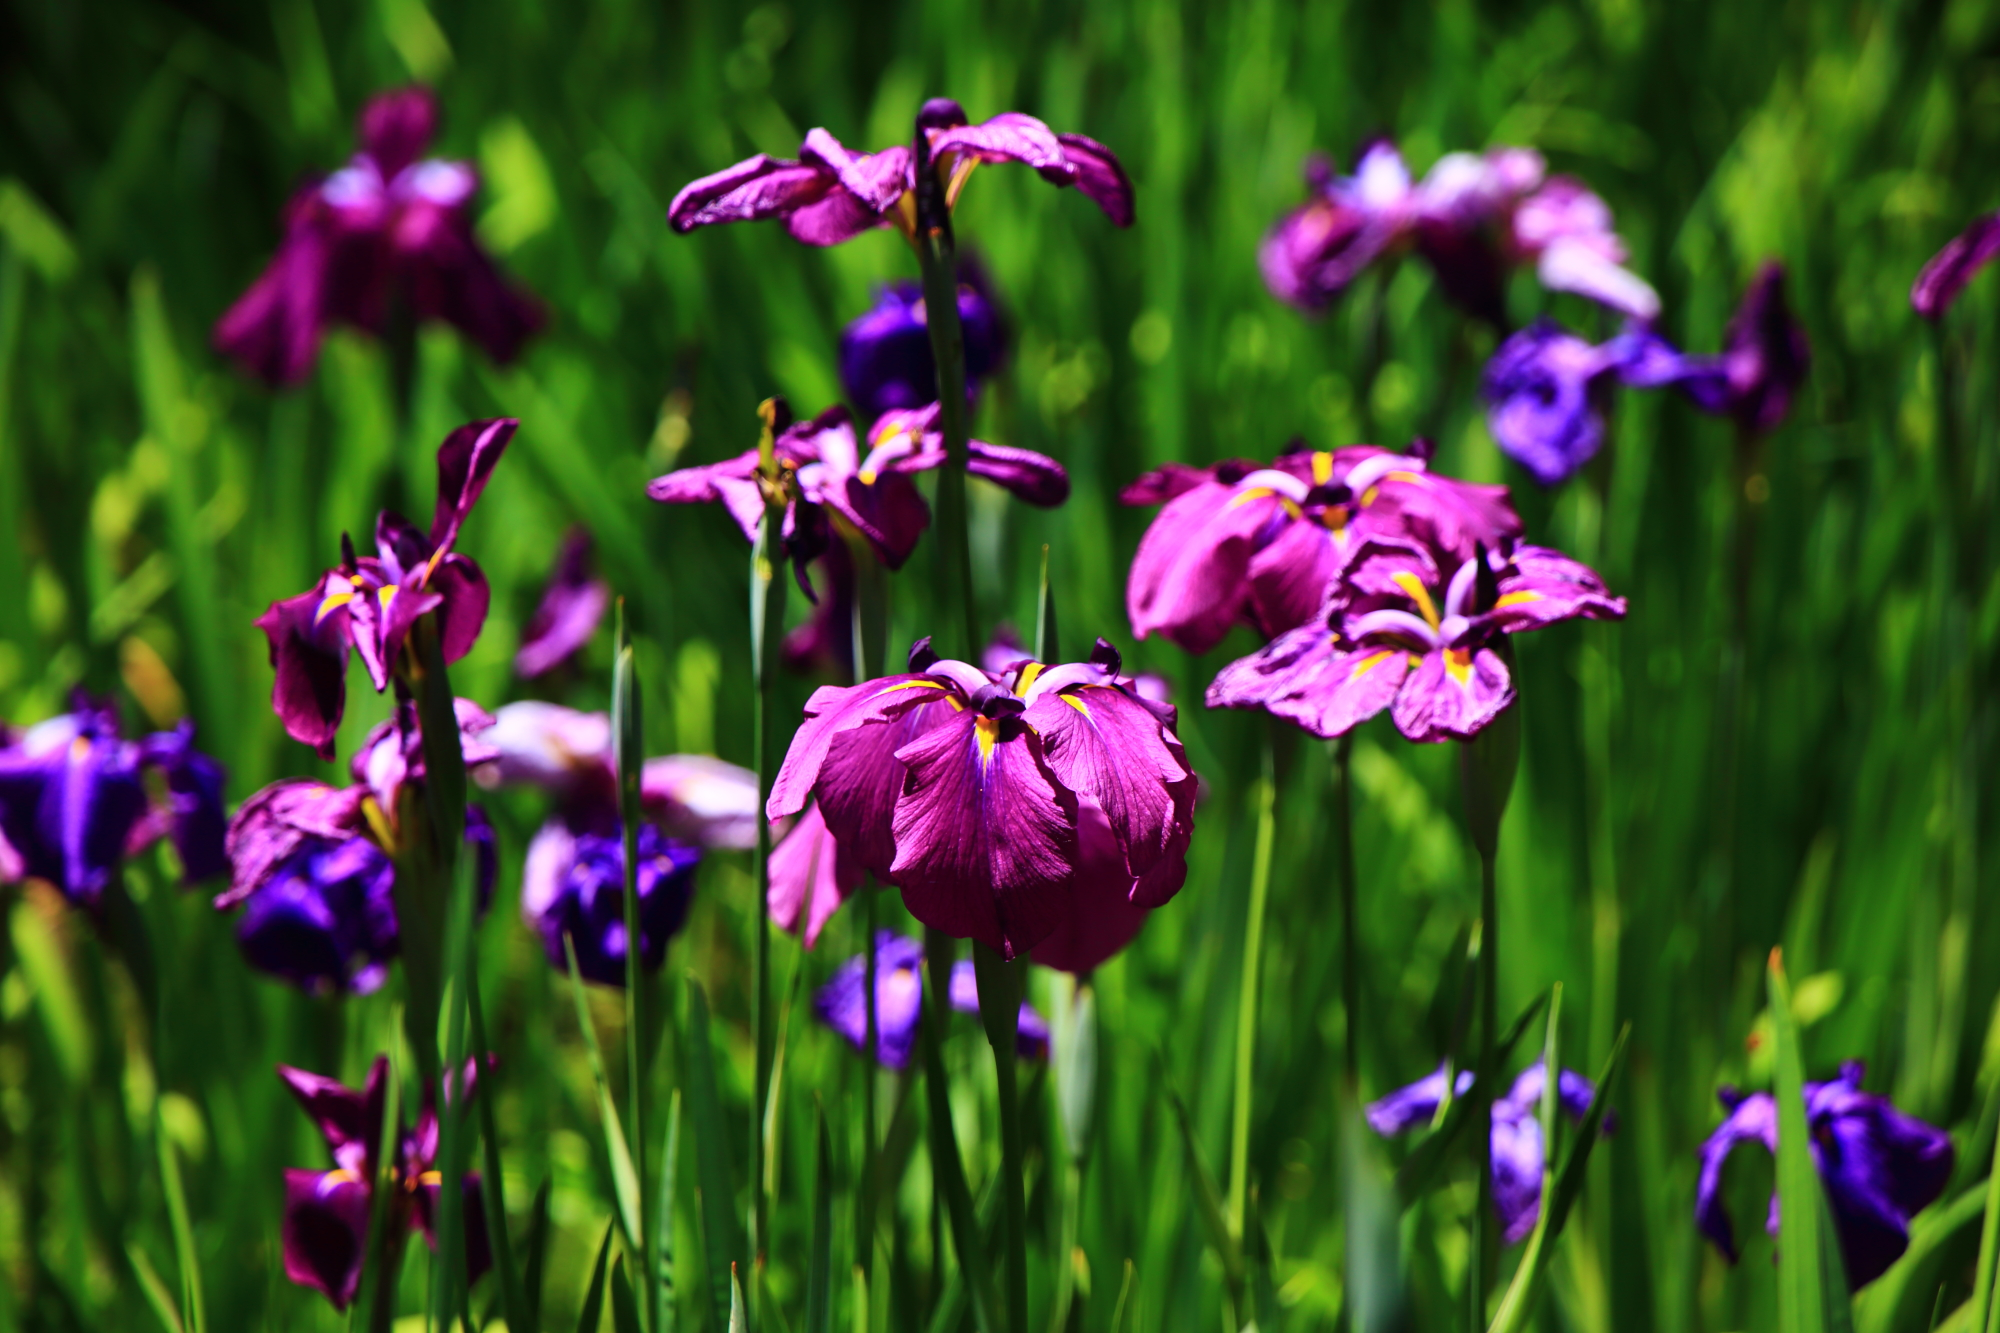 日が差して煌びやかに咲き誇る花菖蒲